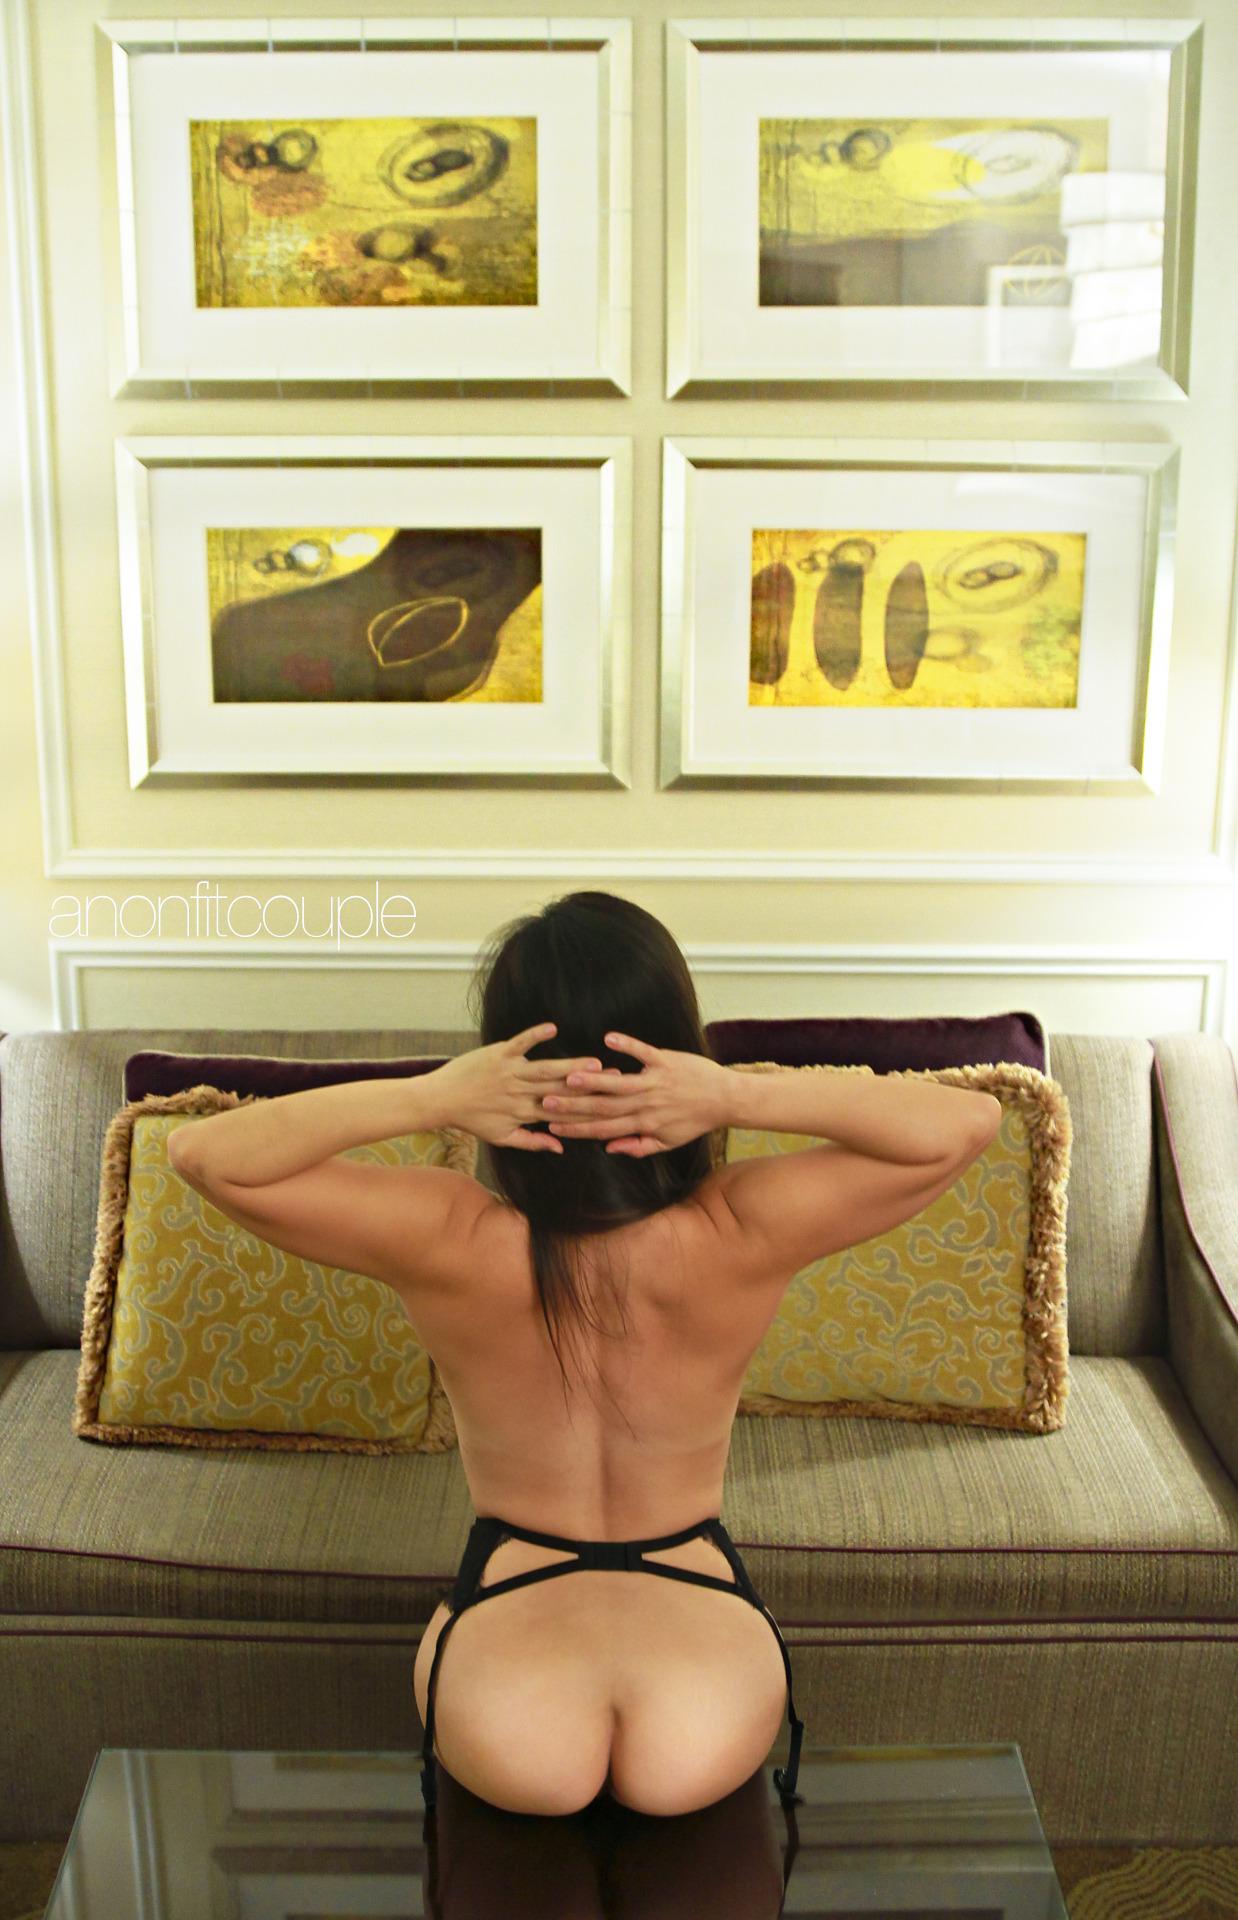 Оголенные сучки с анальной пробкой в жопах 8 фото